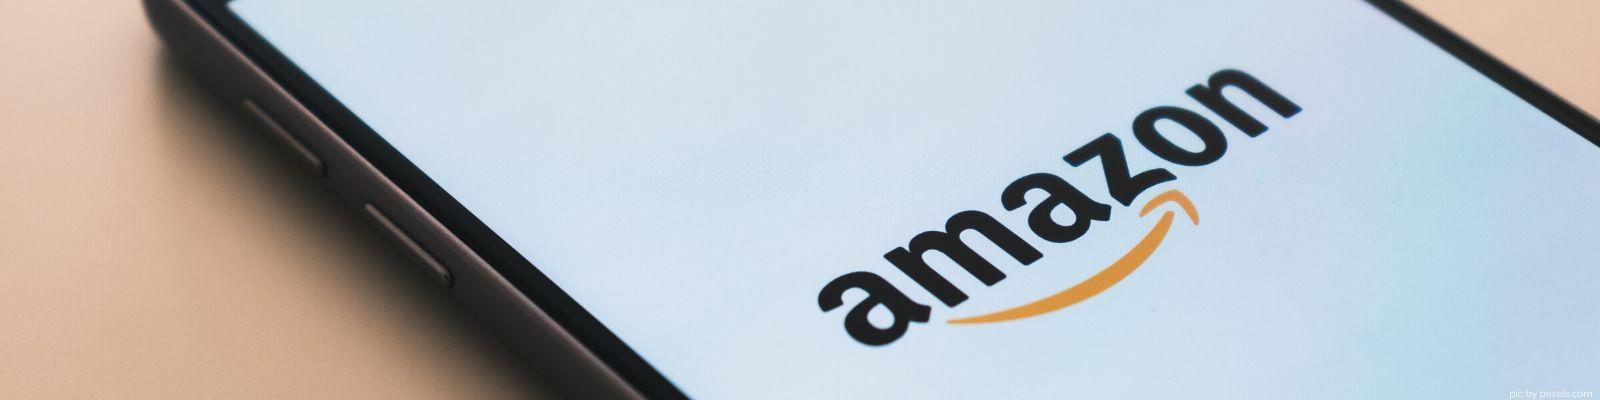 Impulsa tus ventas con estos tips para campañas de Amazon Advertising